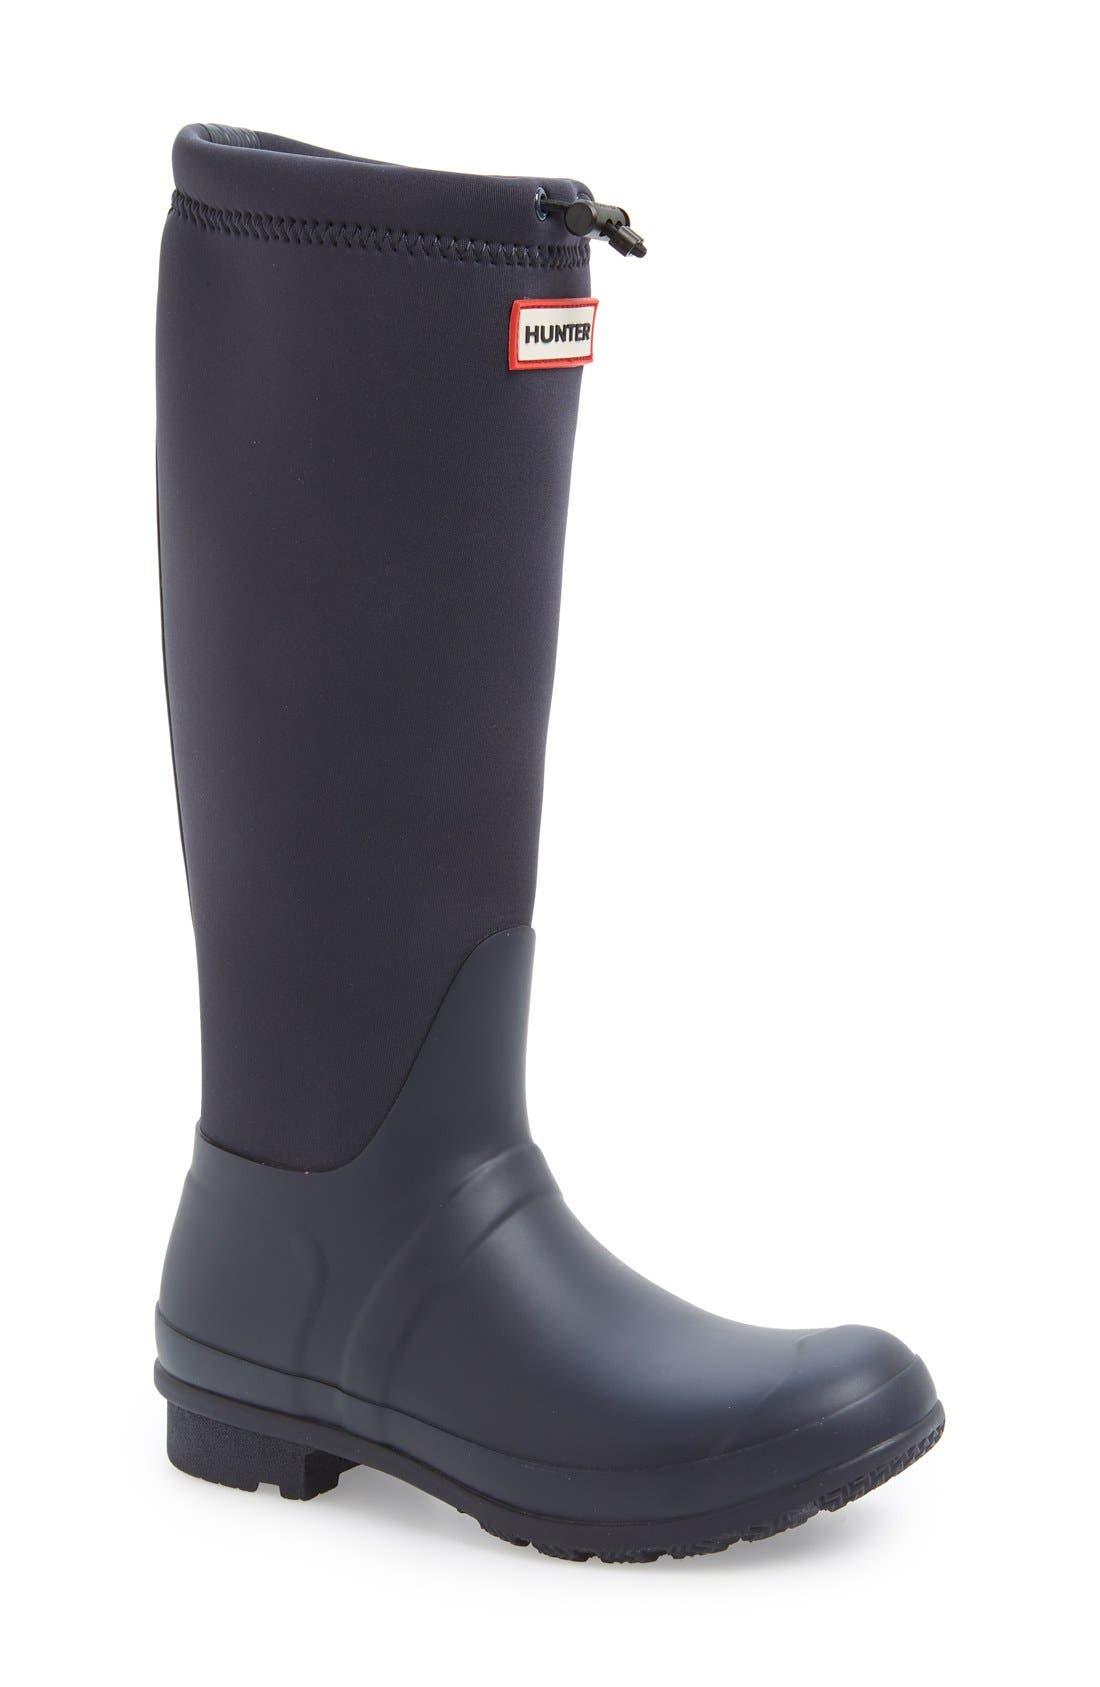 Main Image - Hunter 'Original Tour' Neoprene Waterproof Boot (Women)